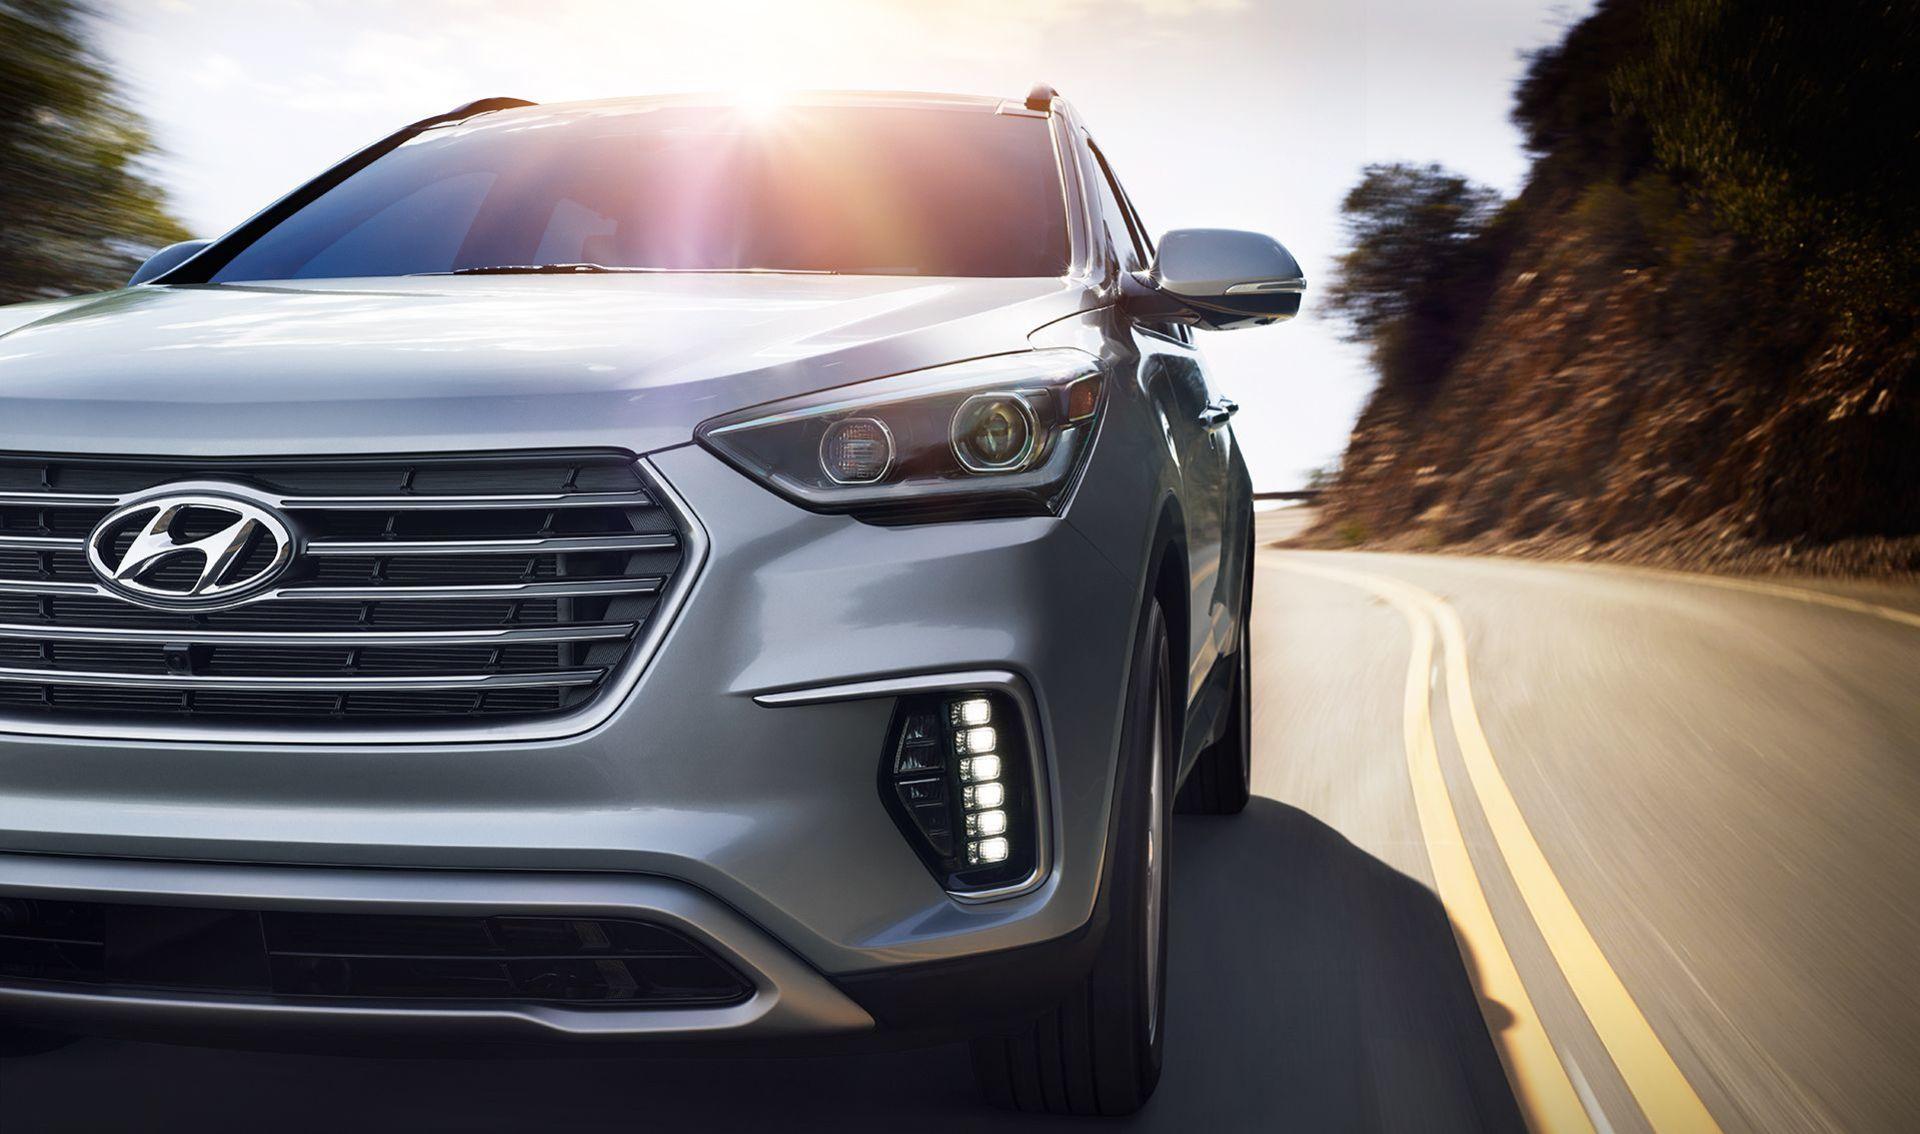 Certified Pre-owned Hyundai Santa Fe